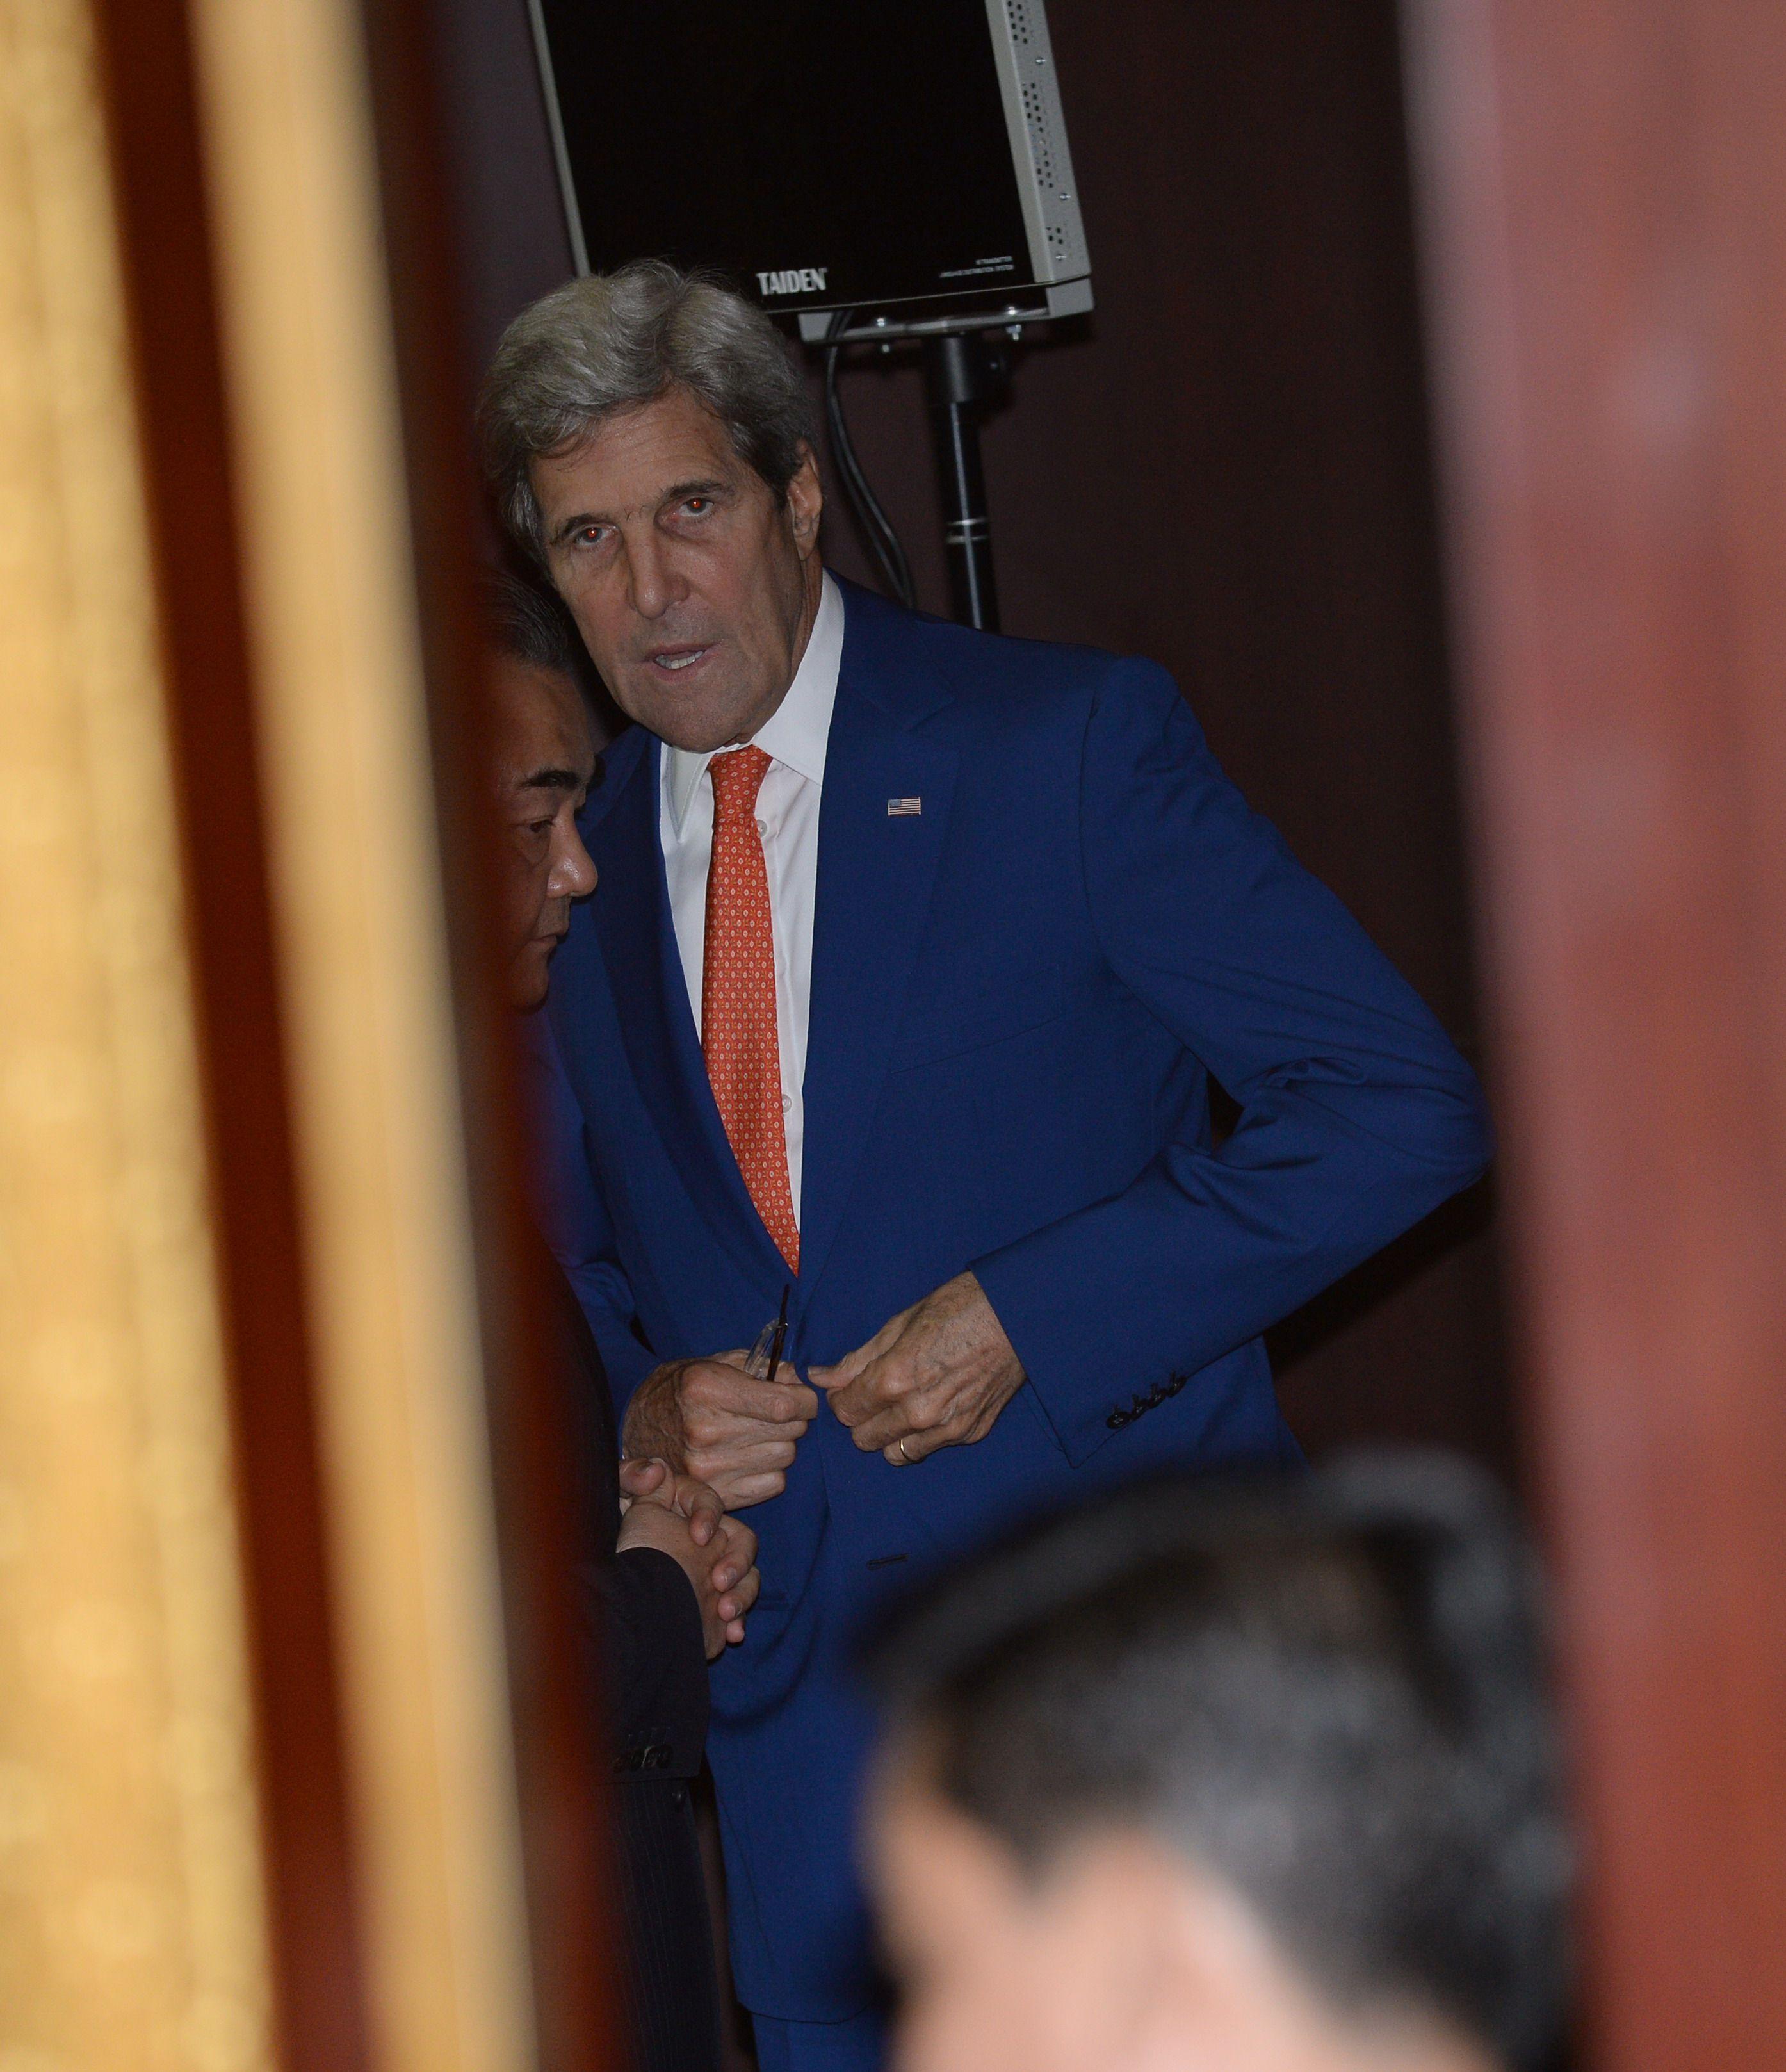 Demócratas le piden a Kerry que no apoye al Gobierno que destituyó a Dilma en Brasil